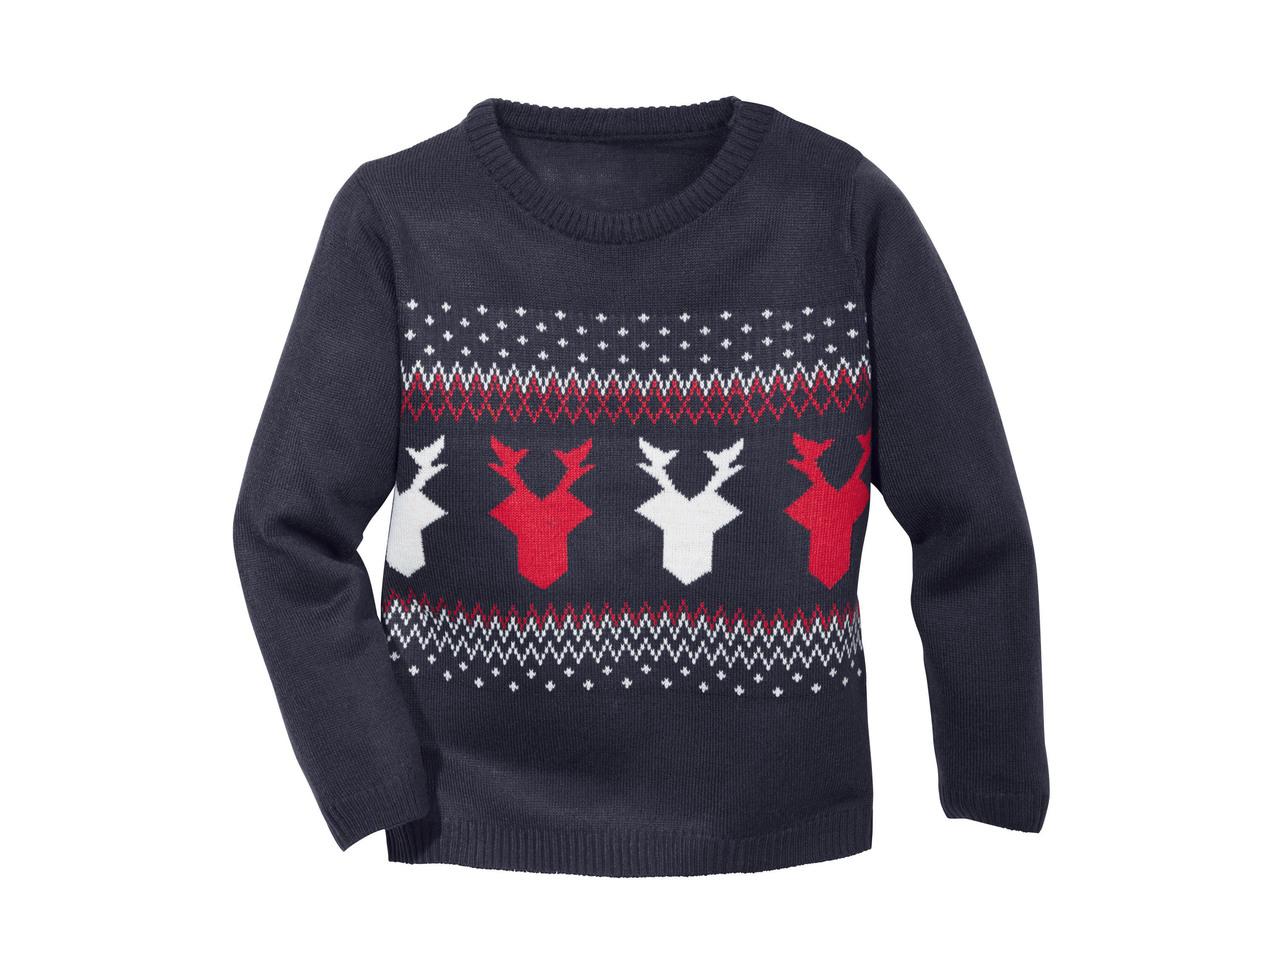 nuovo stile 26f28 b1e40 Pullover natalizio da bambino - Lidl — Italia - Archivio ...